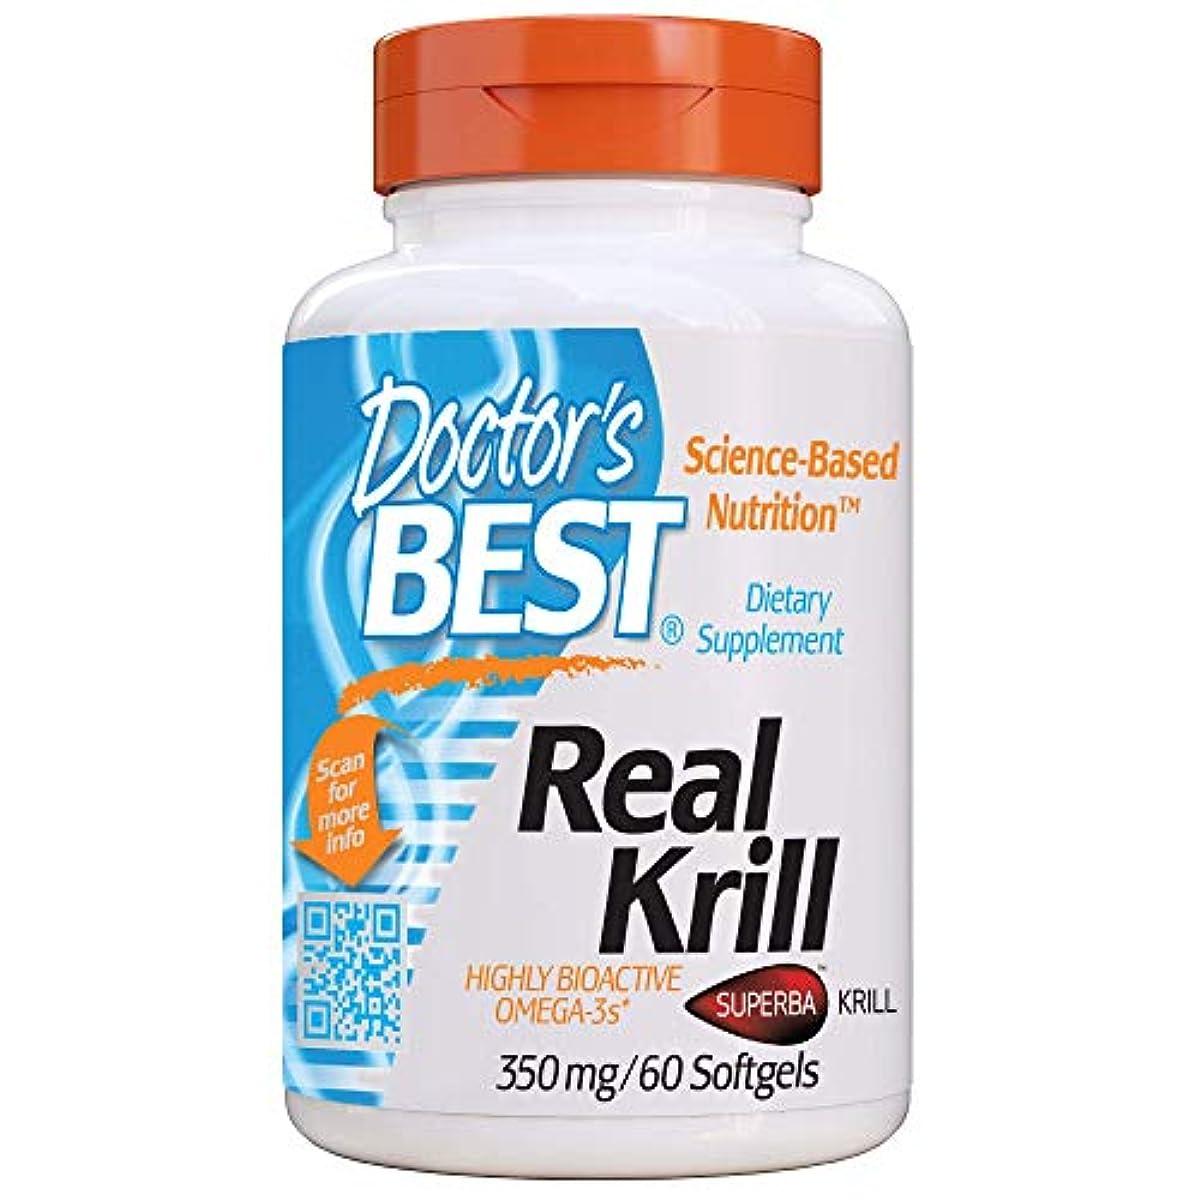 崩壊迷彩スコットランド人海外直送品 Doctors Best Real Krill, 60 sofgels